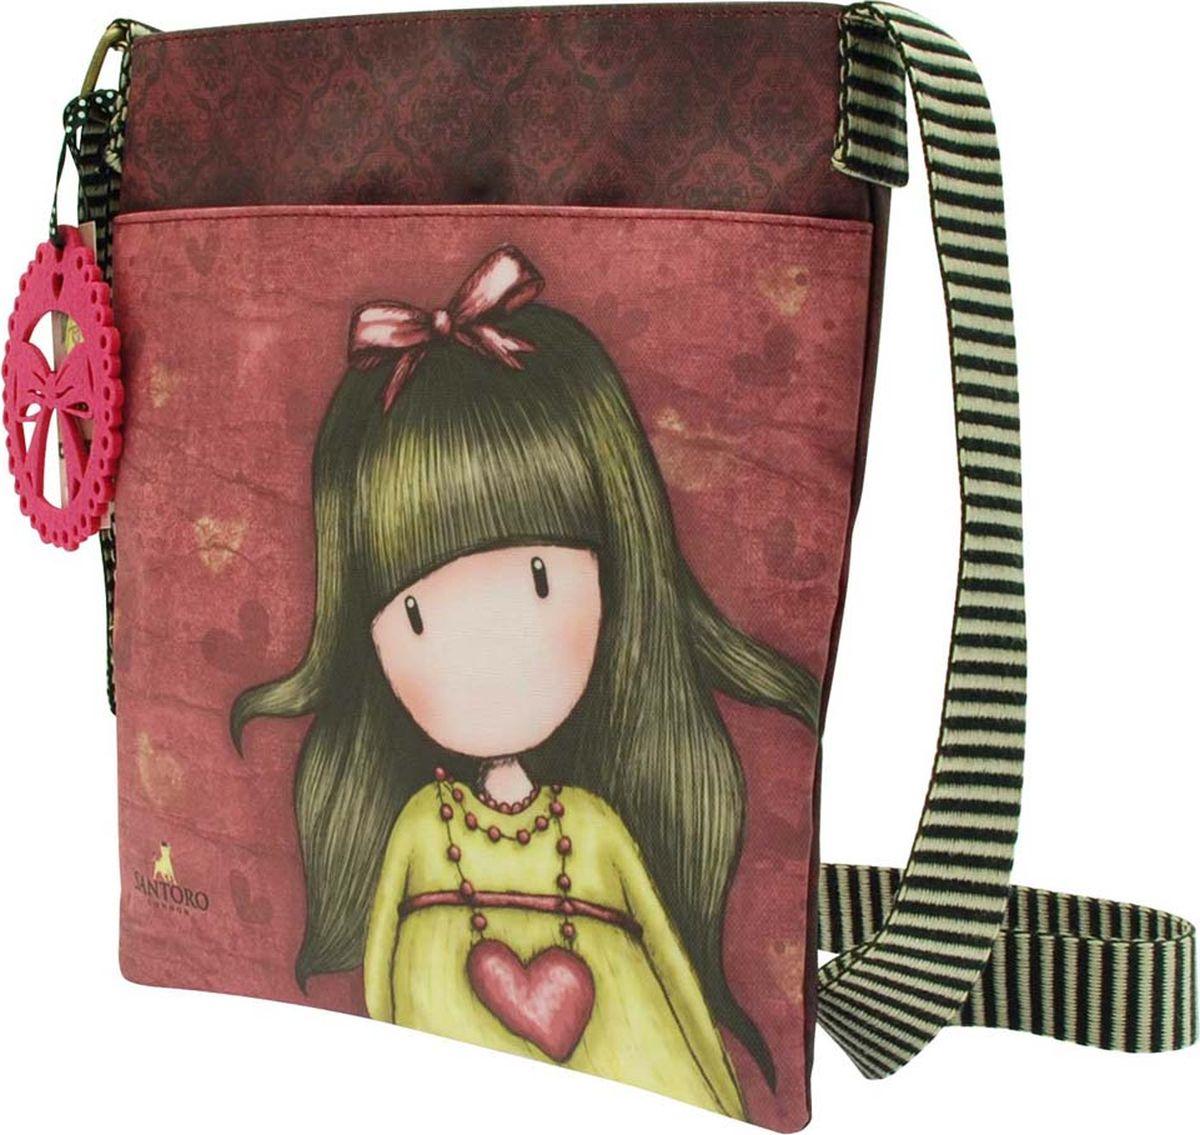 Santoro Сумка детская на плечо Heartfelt0012579Красивая детская сумка Santoro Heartfelt с регулируем ремешком - идеальна для покупок или путешествия, работы или учебы.Обязательный модный аксессуар для каждой девочки!Сумка Santoro Heartfelt выполнена вручную.Материал: внешний: 100% хлопок, подкладка: 100% полиэстер, отделка: 100% полиуретан.